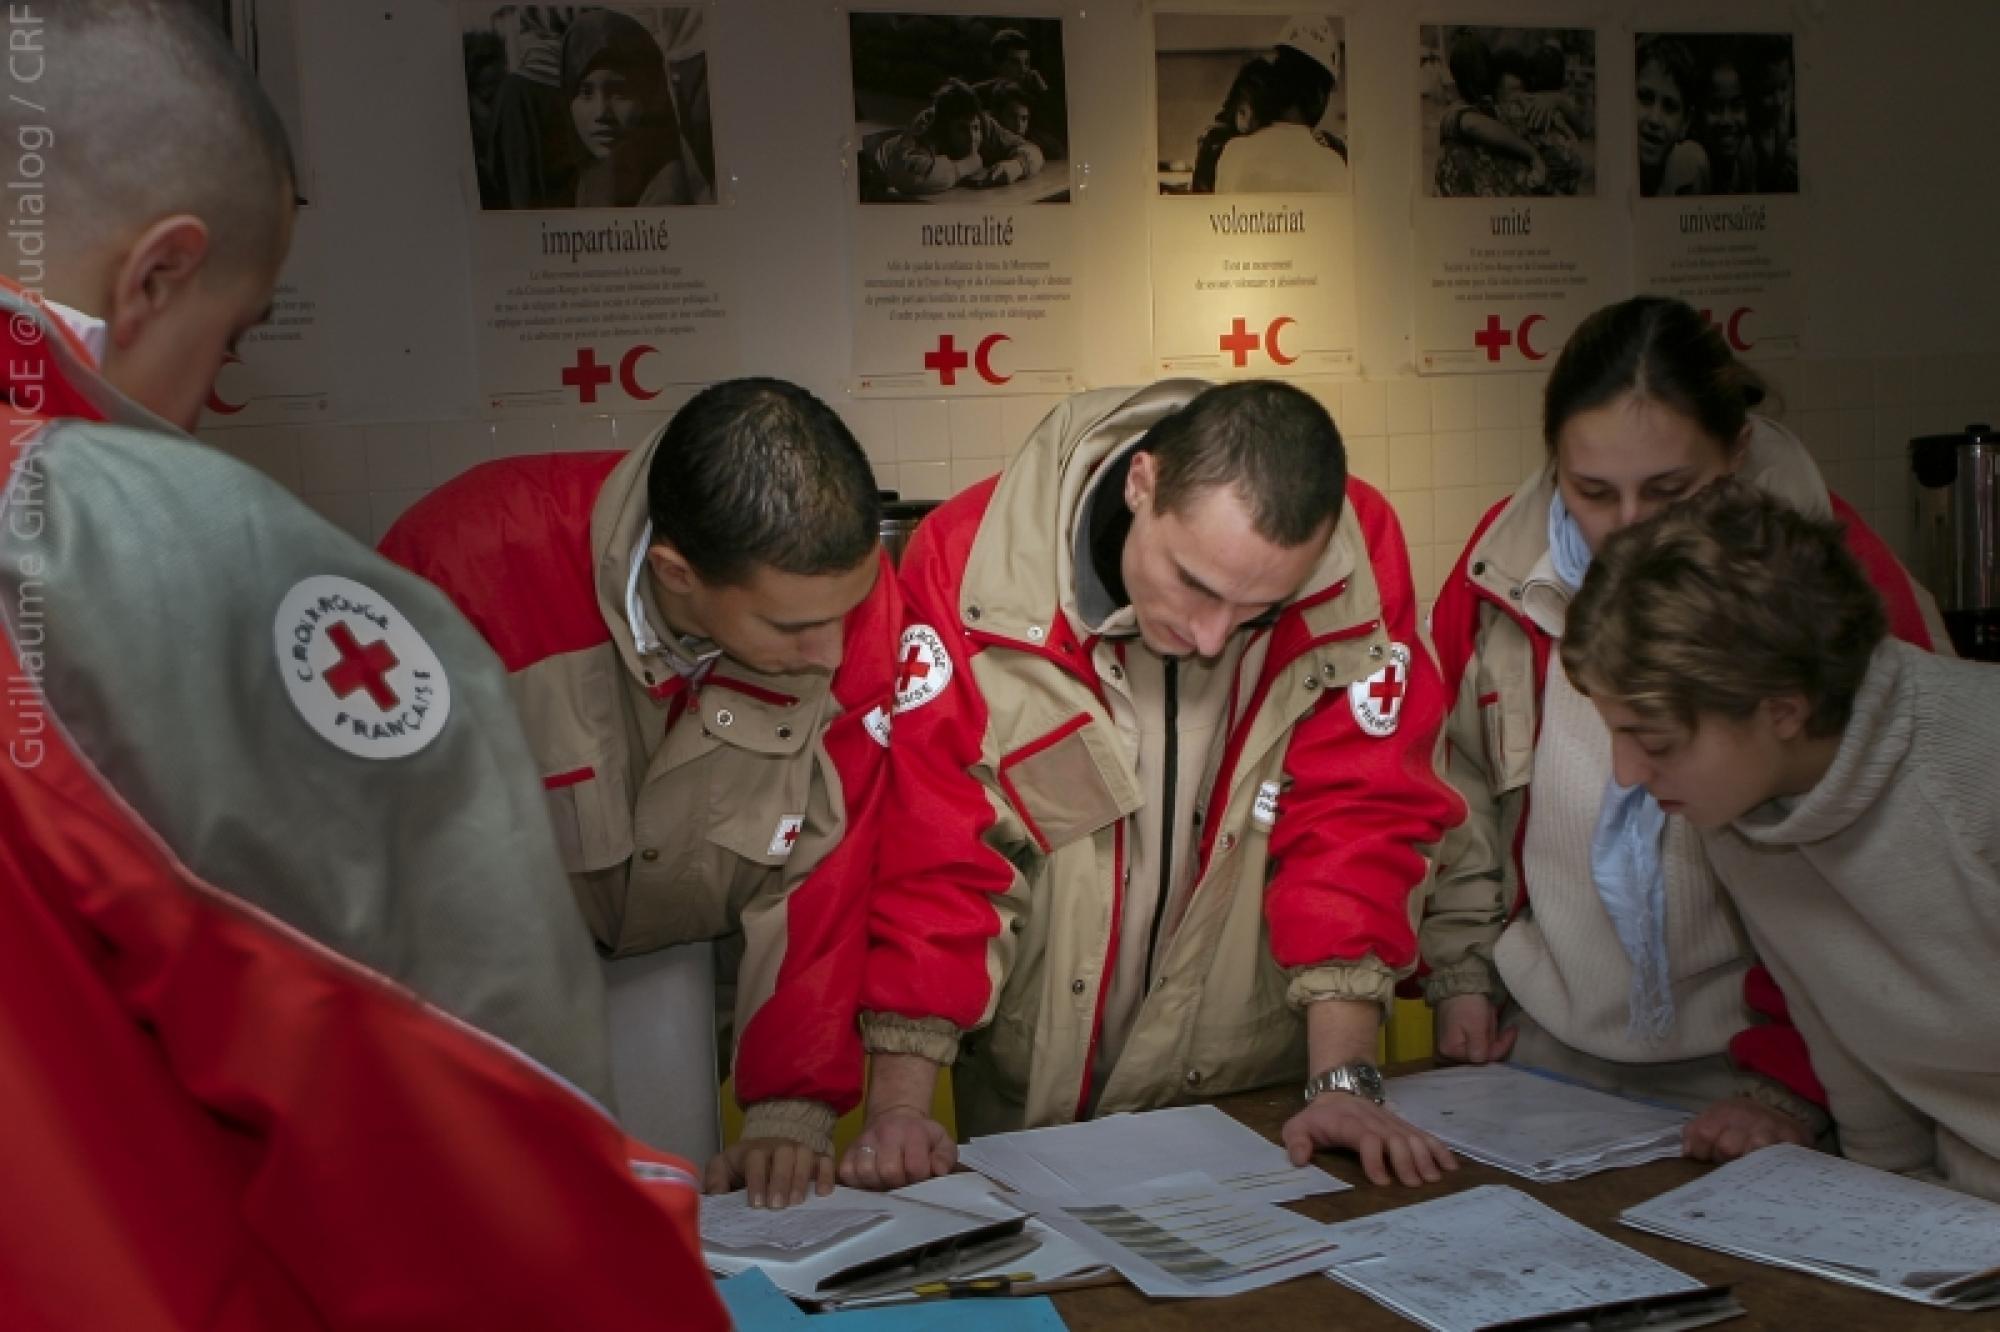 Irfss Croix Rouge Bois Guillaume - Croix Rouge Bois Guillaume u2013 Myqto com